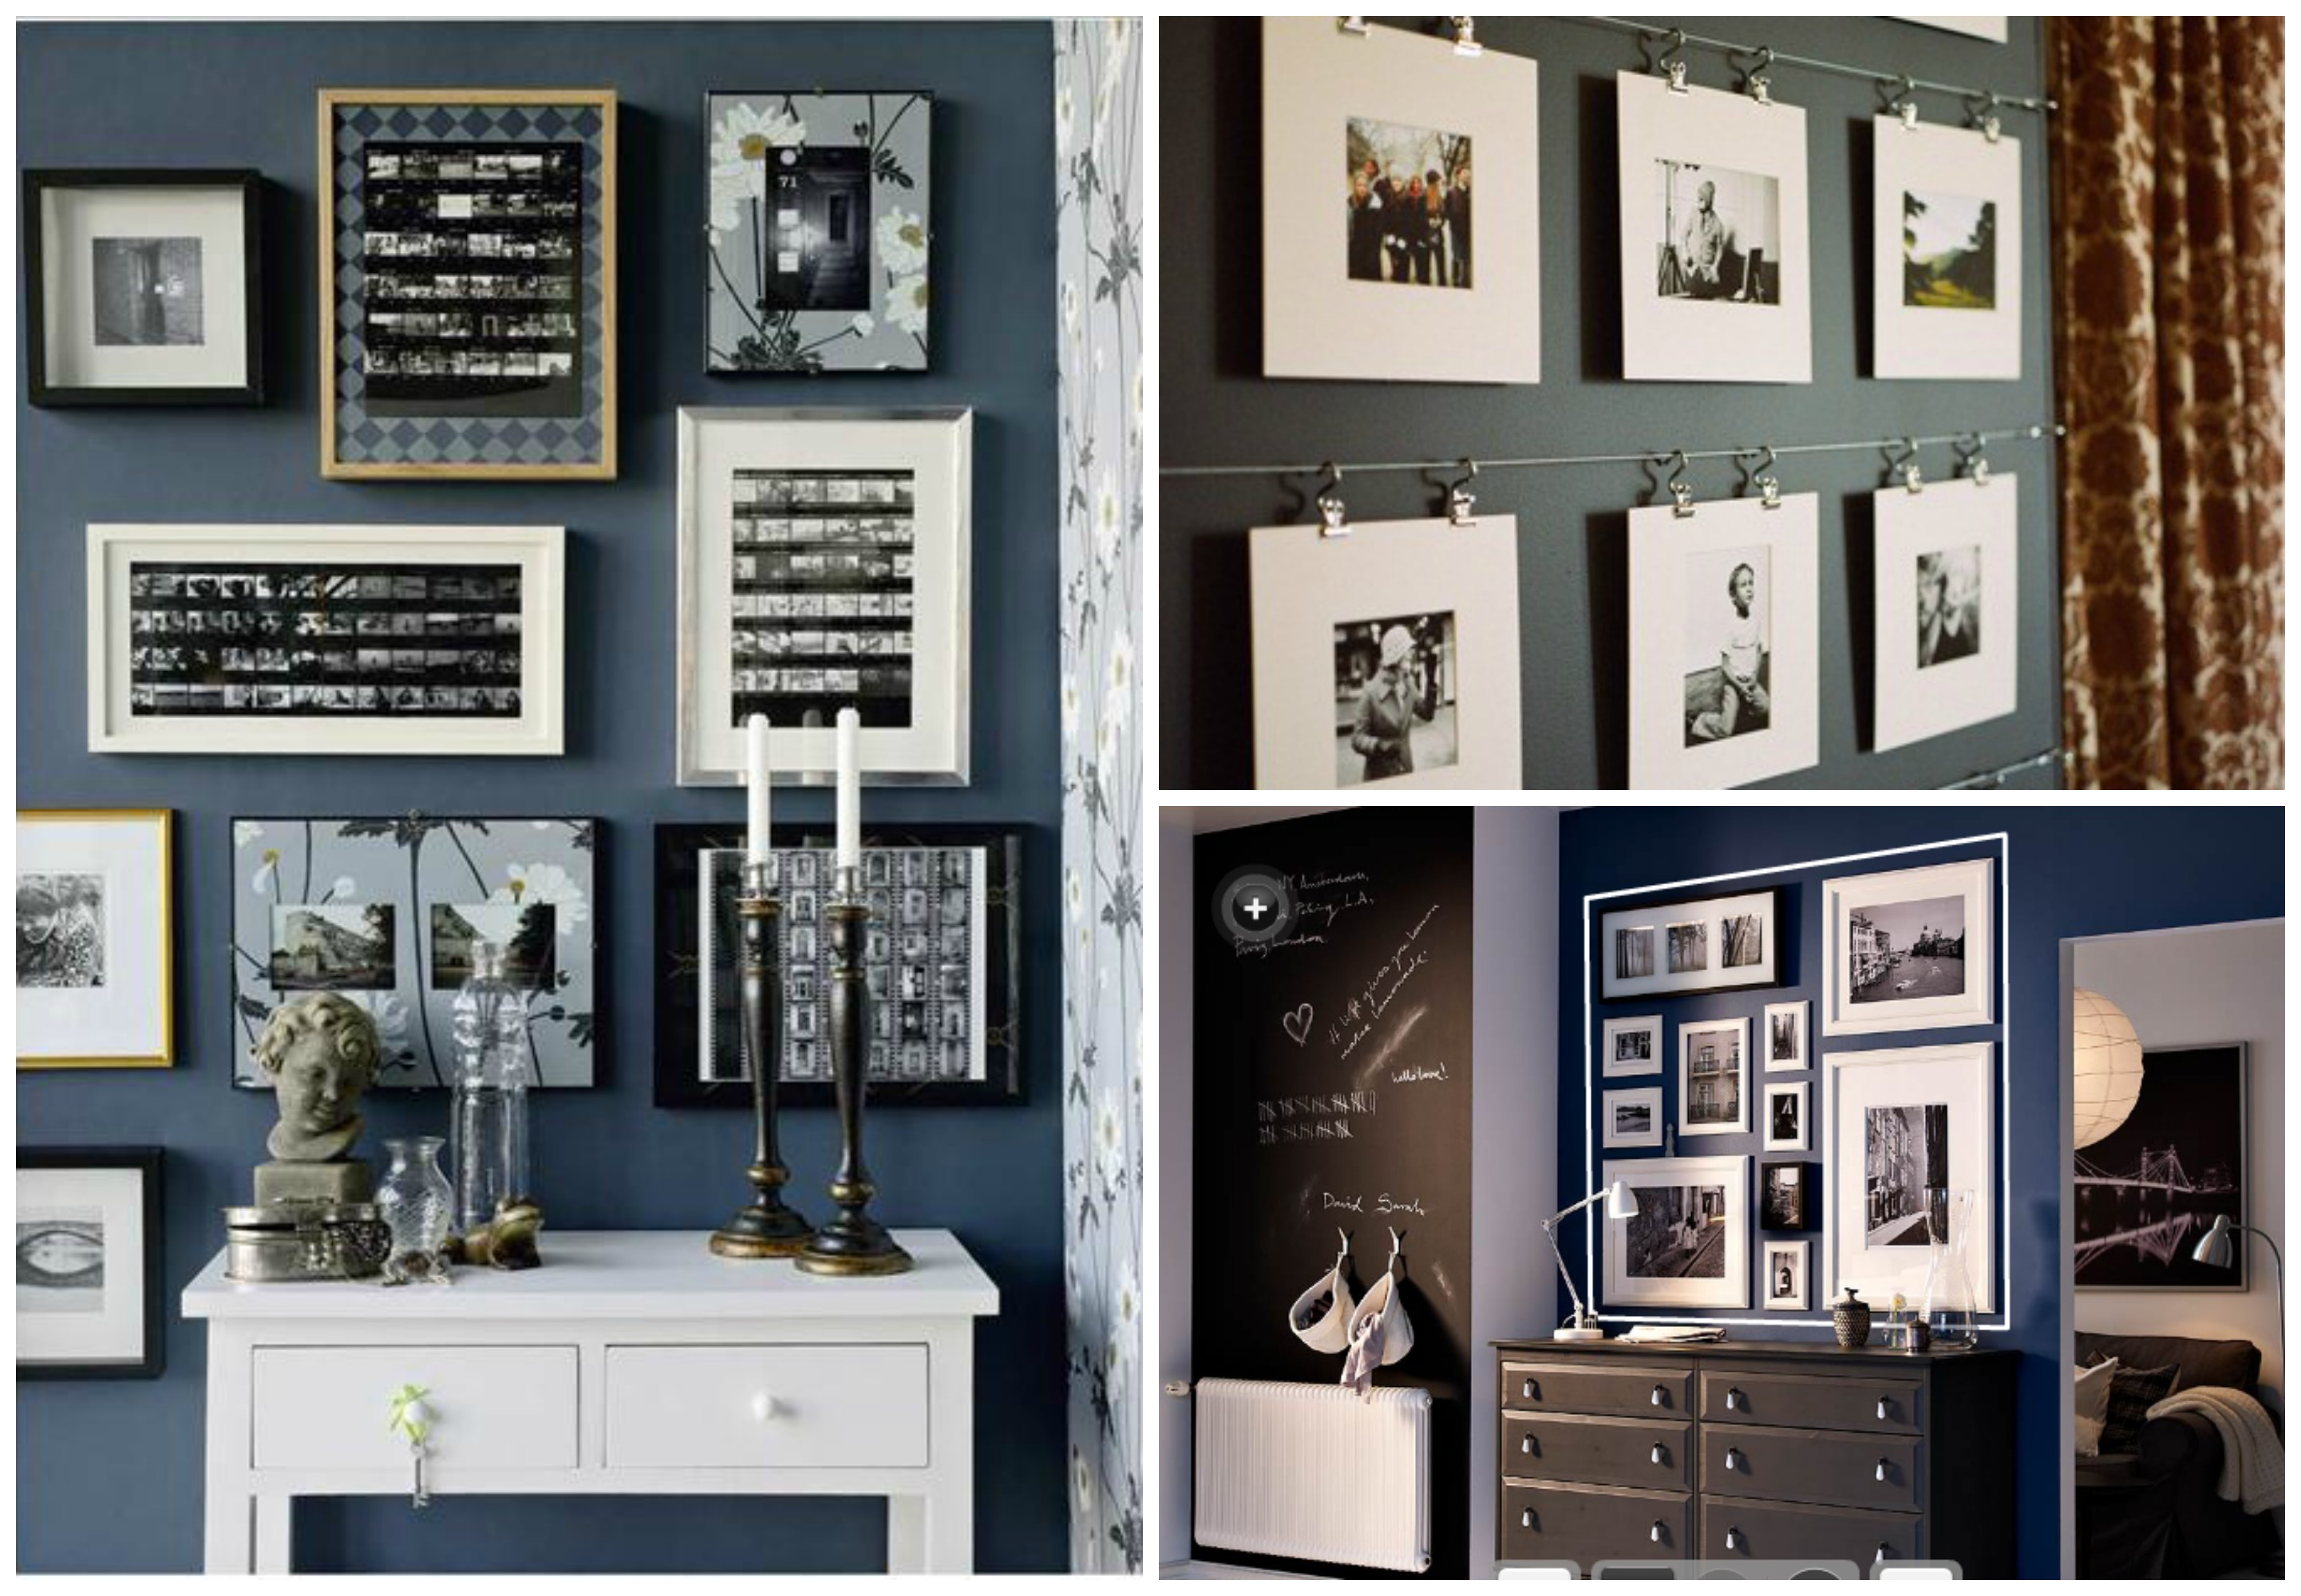 La importancia de los cuadros en la decoración | Dimensi-on